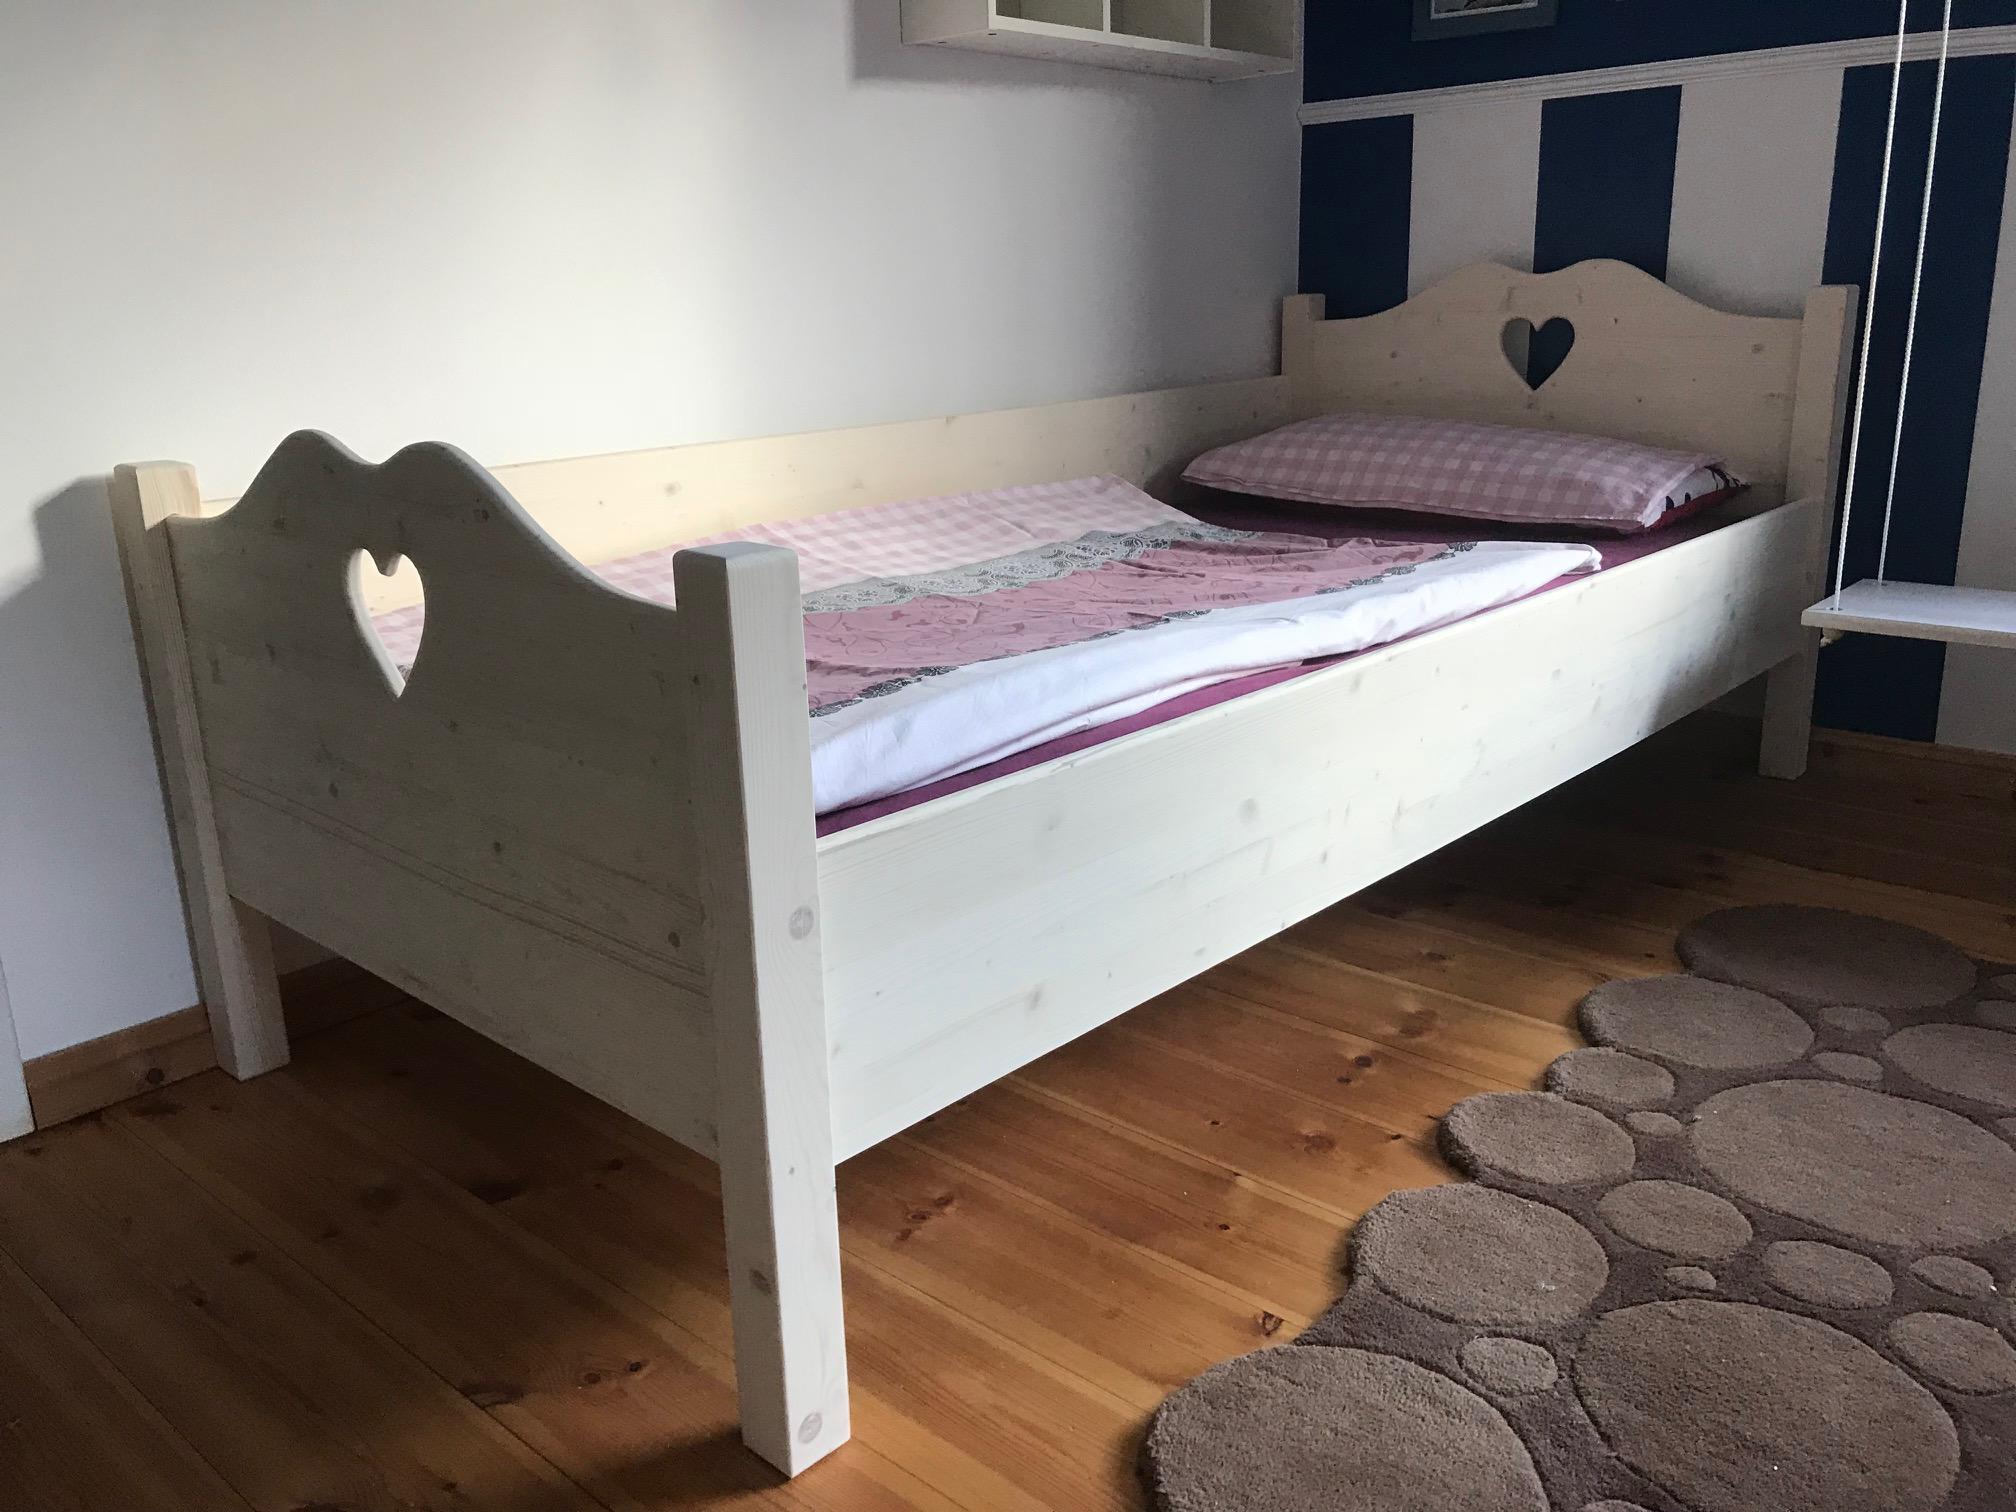 Full Size of Kinderbett Mädchen 90x200 Mdchen Bett Mit Lattenrost Und Matratze Bettkasten Kiefer Weiß Schubladen Betten Weißes Wohnzimmer Kinderbett Mädchen 90x200